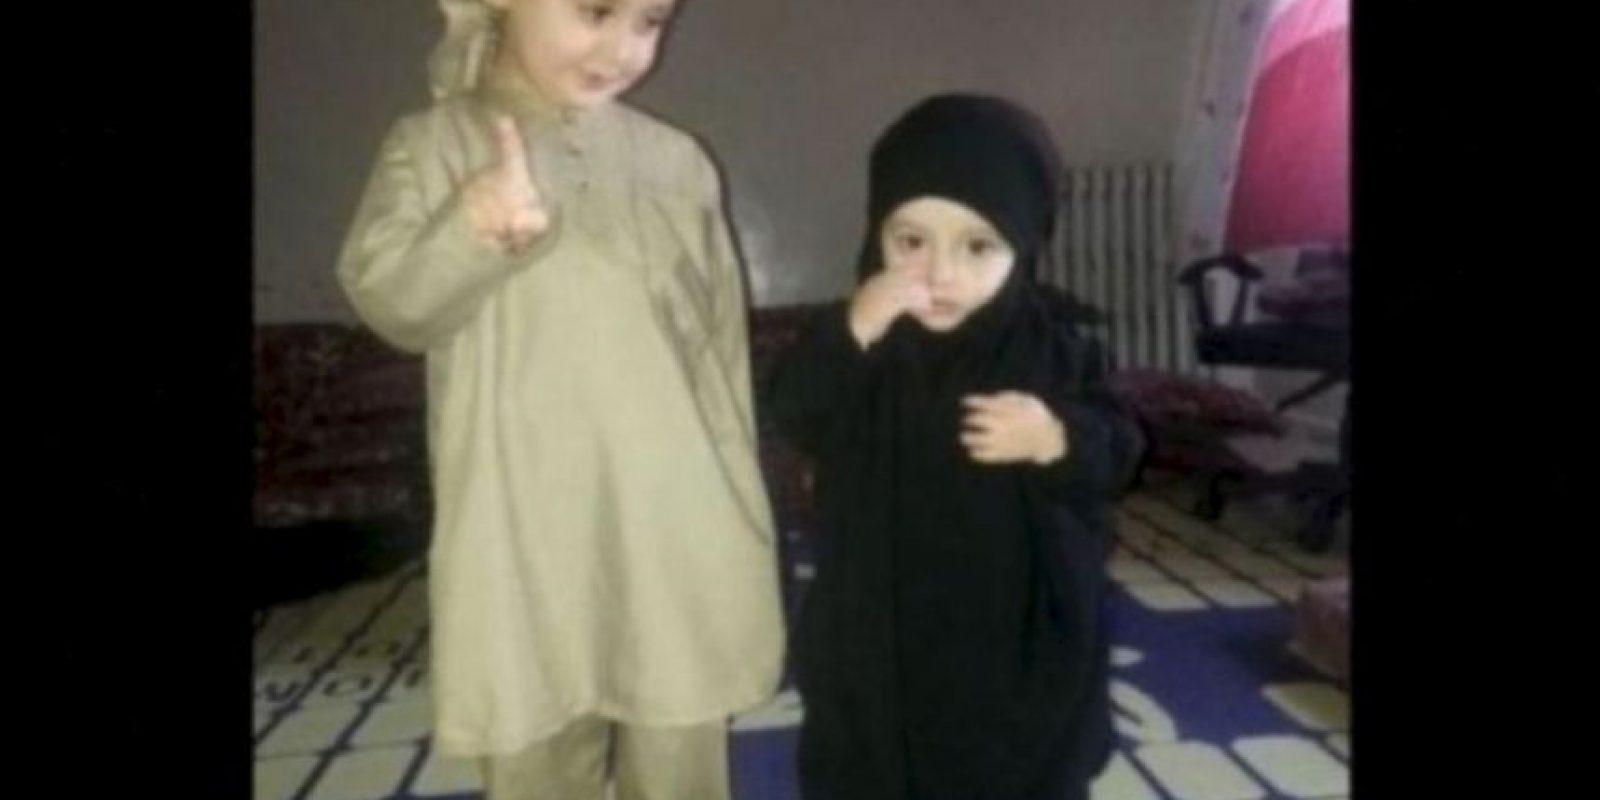 A través de redes sociales, EI ha difundido imágenes de bebés y niños vestidos como yihadistas o como sus militantes. Foto:Twitter.com – Archivo